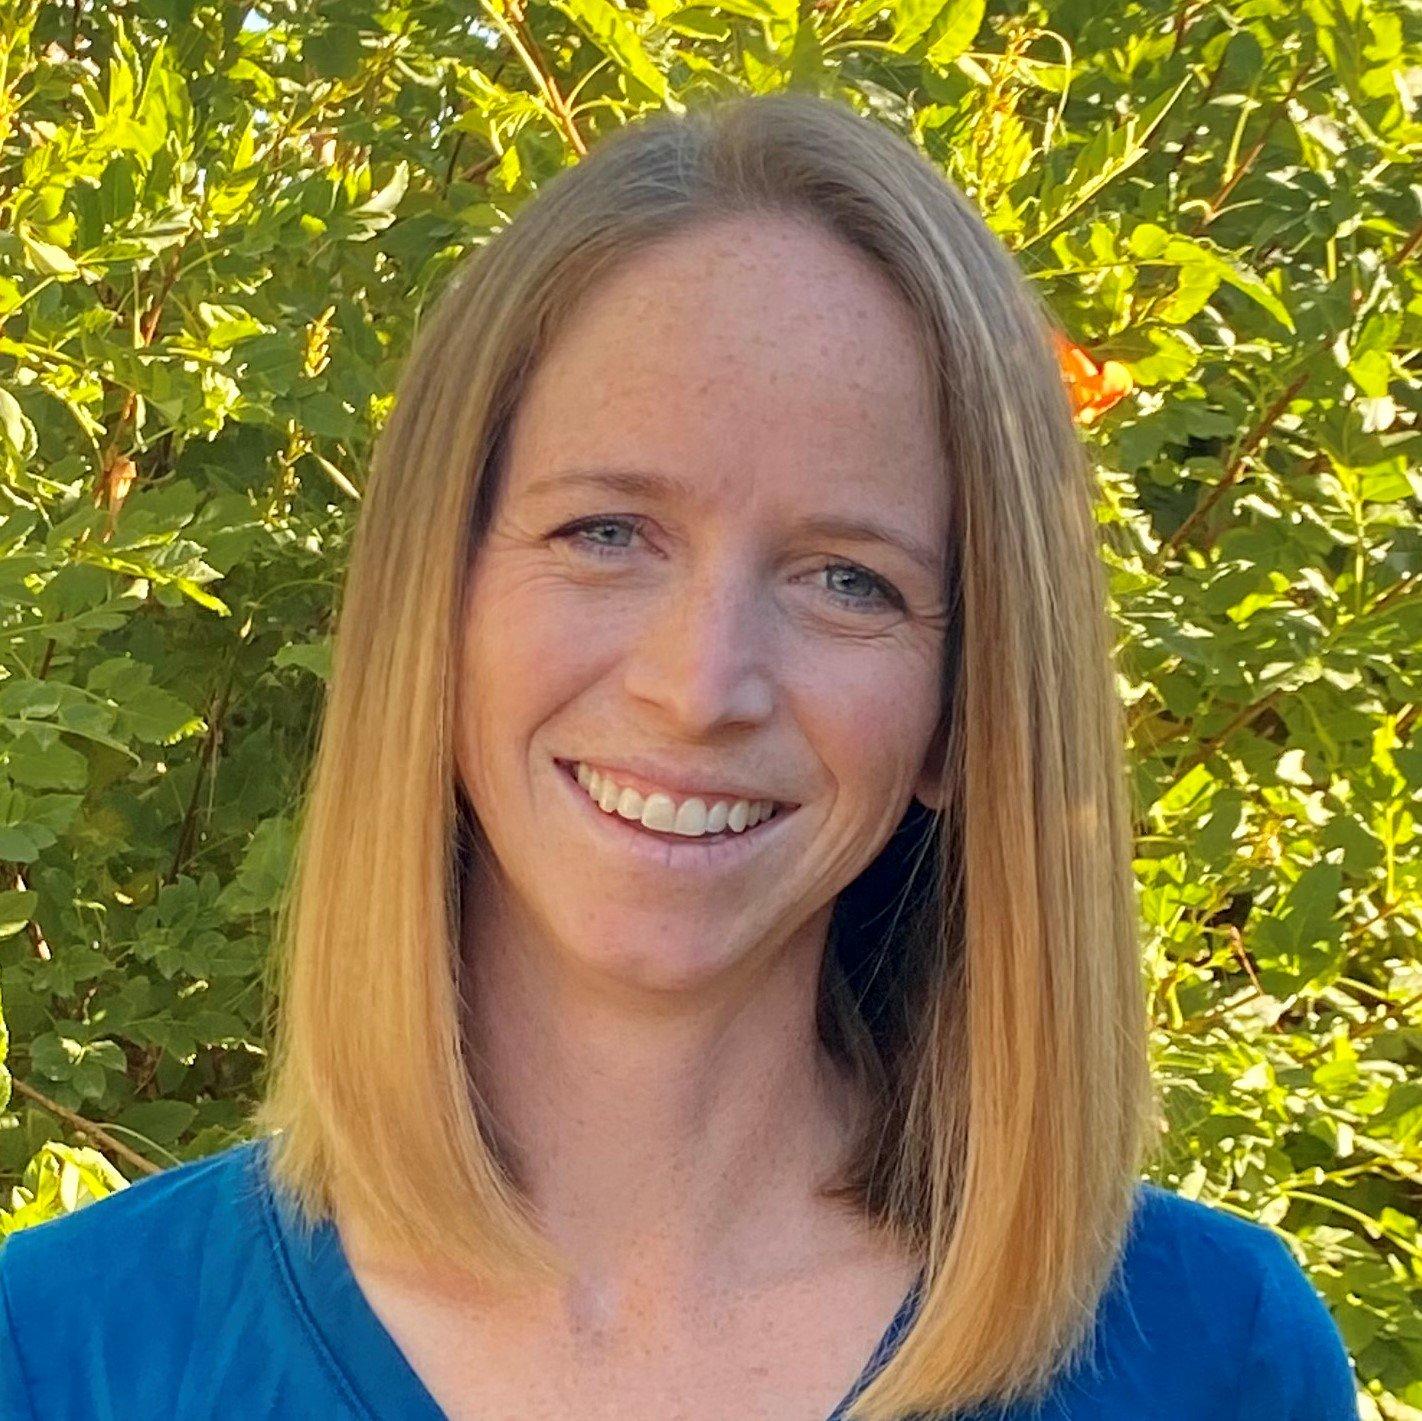 Vista Living Assisted Living Activities Director Lauren Koops